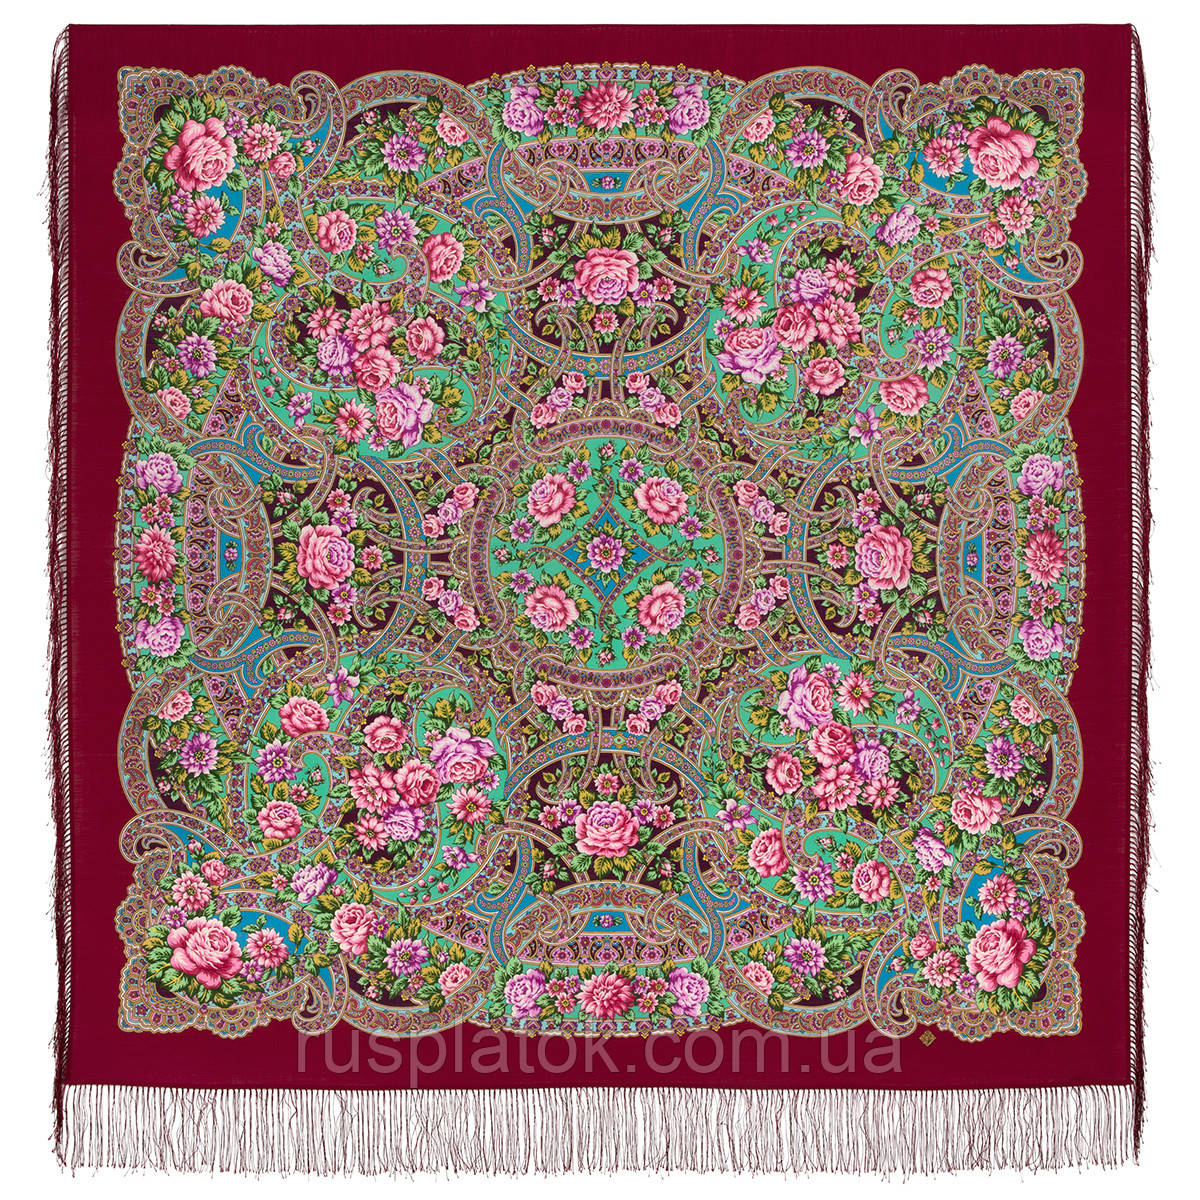 Улочки Посада 1912-,6 павлопосадский платок шерстяной  с шелковой бахромой